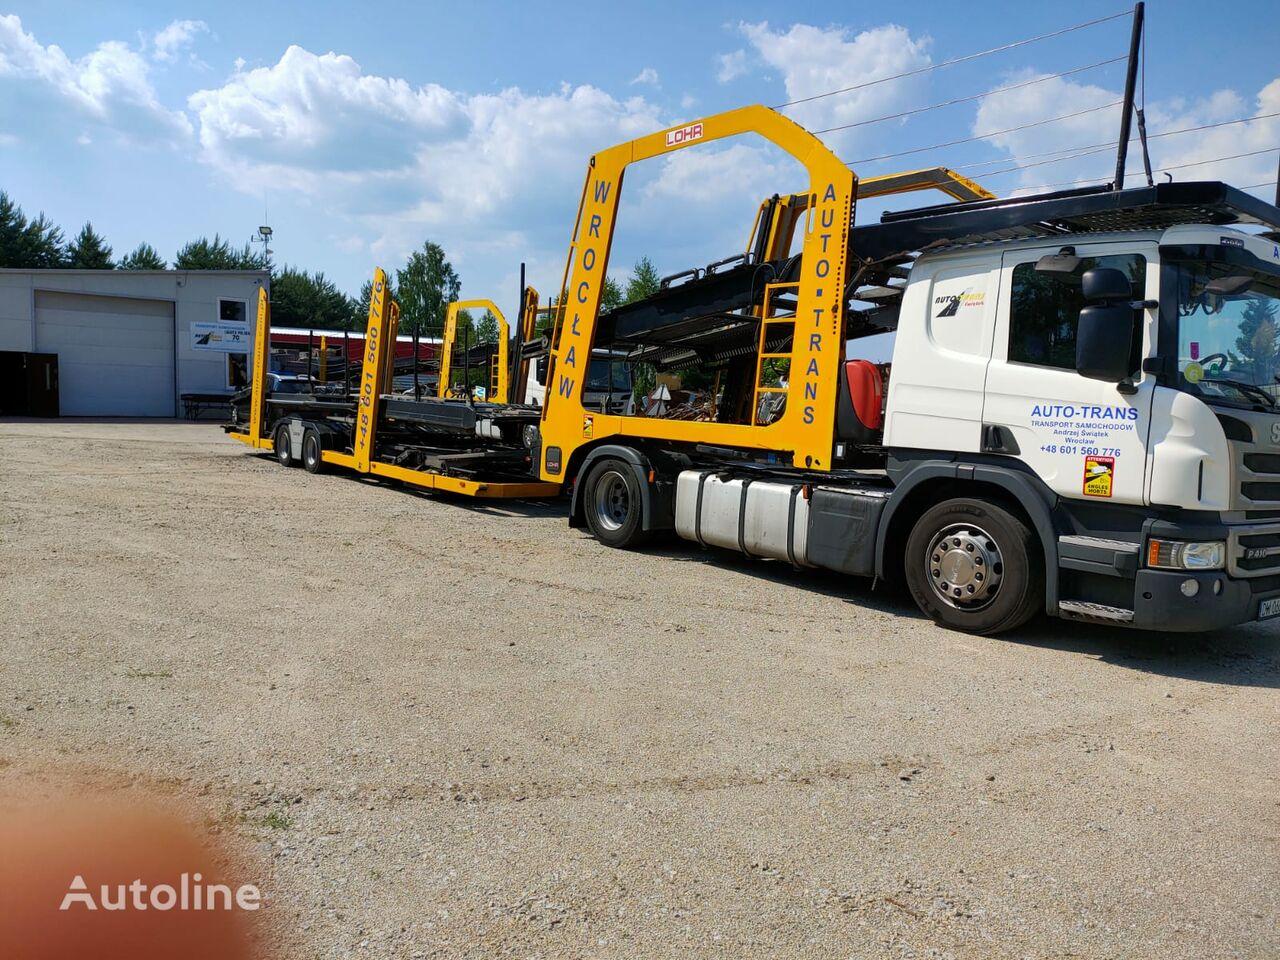 камион за транспорт на возила SCANIA Eurolohr + приколка за транспорт на возила